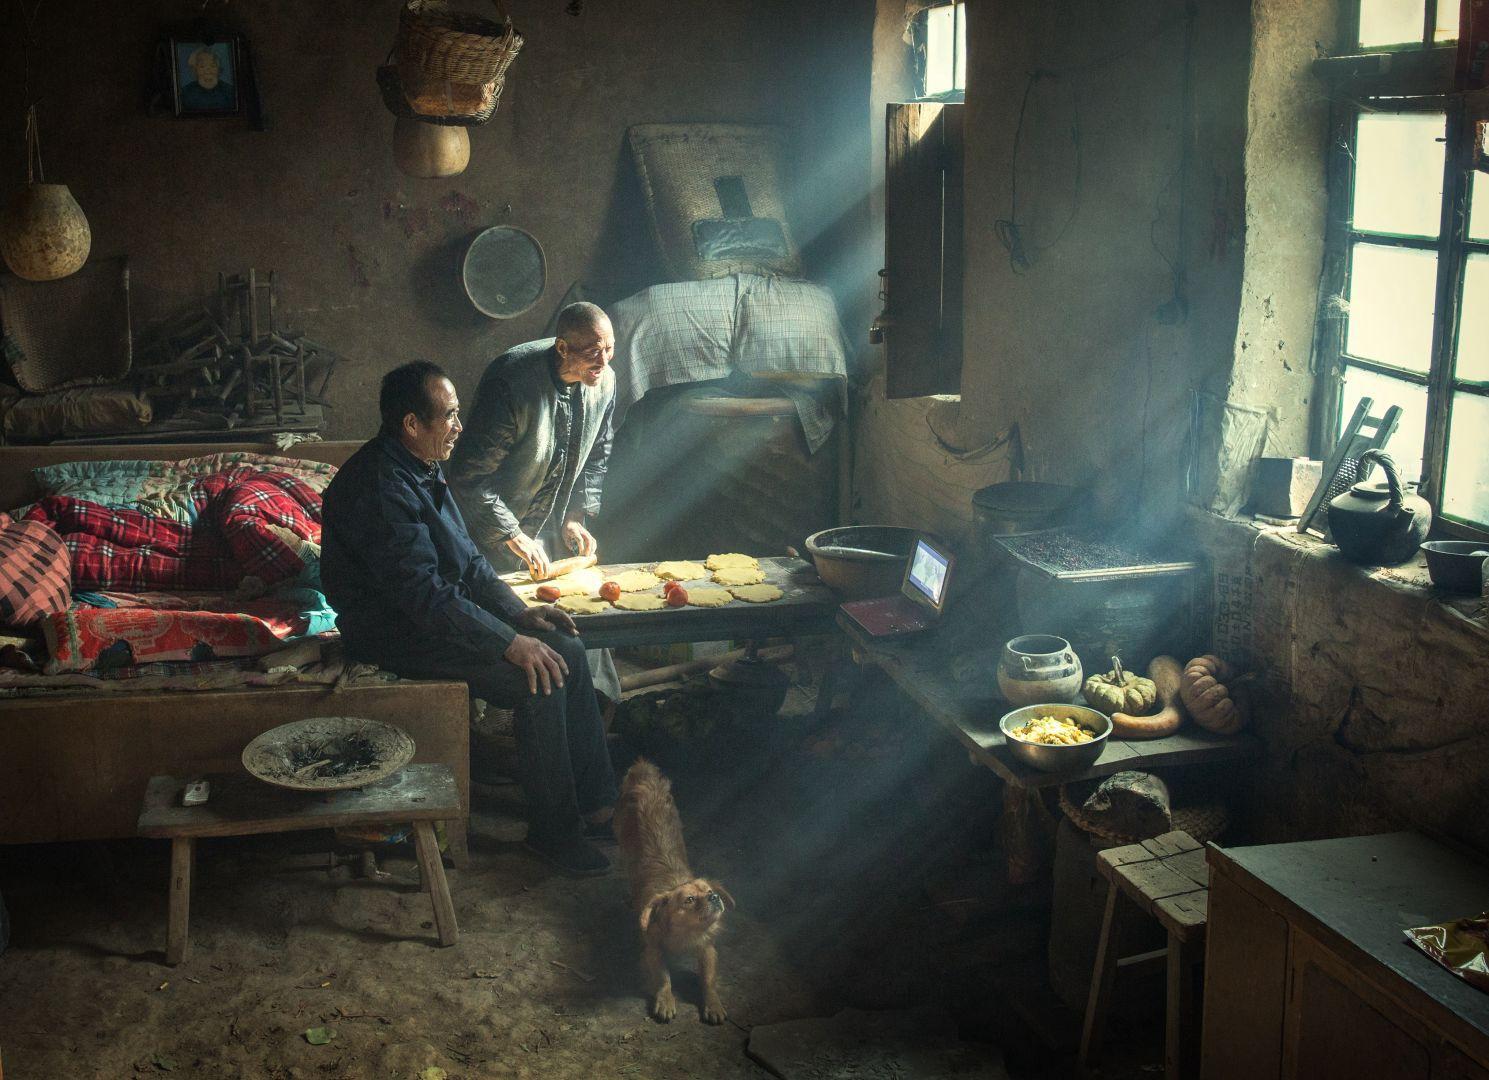 Природная печь, © Ли Хуайфэн, Китай, 3-й приз : одиночный кадр, Фотоконкурс World Press Photo